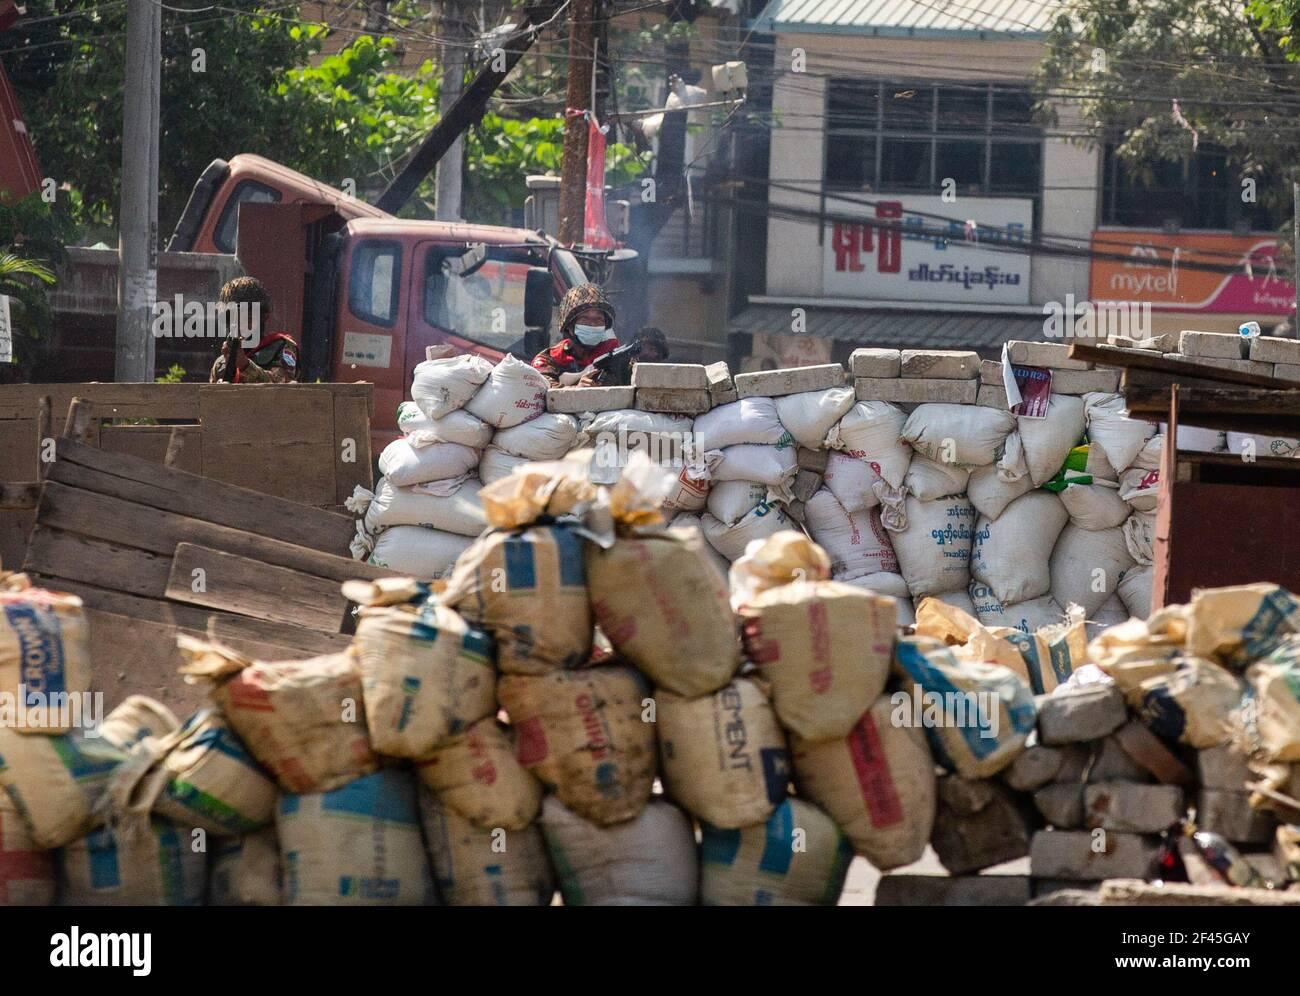 Los soldados militares de Myanmar (Tatmadow) sonreían mientras apuntaban rifles hacia los manifestantes contra el golpe militar durante una manifestación contra el golpe militar. La policía y los soldados militares de Myanmar (tatmadow) atacaron a los manifestantes con balas de goma, municiones vivas, gases lacrimógenos y bombas de aturdimiento en respuesta a los manifestantes contra el golpe militar el viernes, matando a varios manifestantes e hirieron a muchos otros. Al menos 149 personas han sido asesinadas en Myanmar desde el golpe de Estado del 1 de febrero, dijo un funcionario de derechos humanos de la ONU. Los militares de Myanmar detuvieron a la Consejera de Estado de Myanmar Aung San Suu Kyi el 01 de febrero de 2021 y de Foto de stock